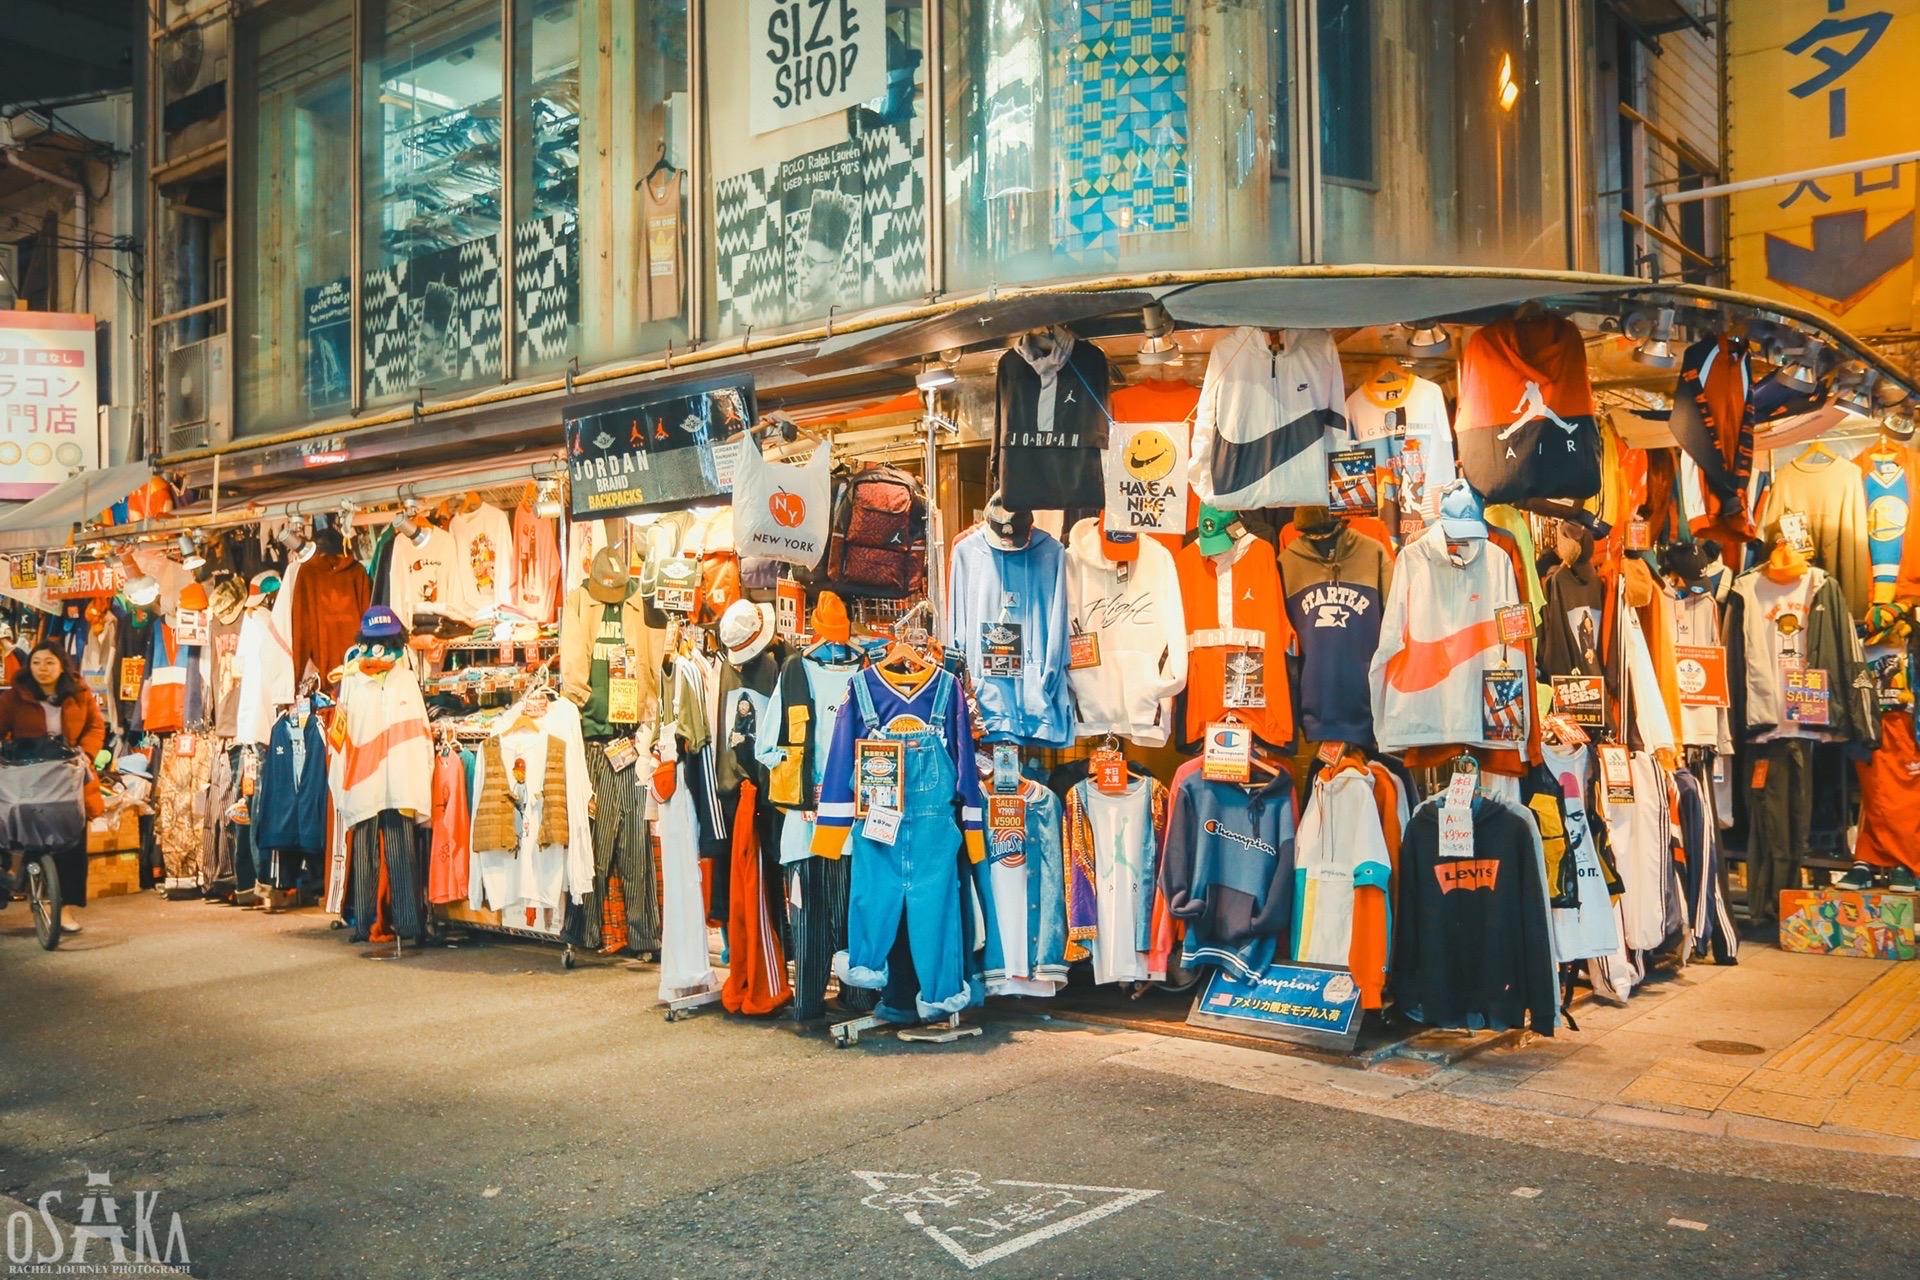 คู่มือท่องเที่ยวอเมริกามูระ – สถานที่ท่องเที่ยวสำคัญโอซากะ –  สถานที่แนะนำใกล้อเมริกามูระ – Trip.com